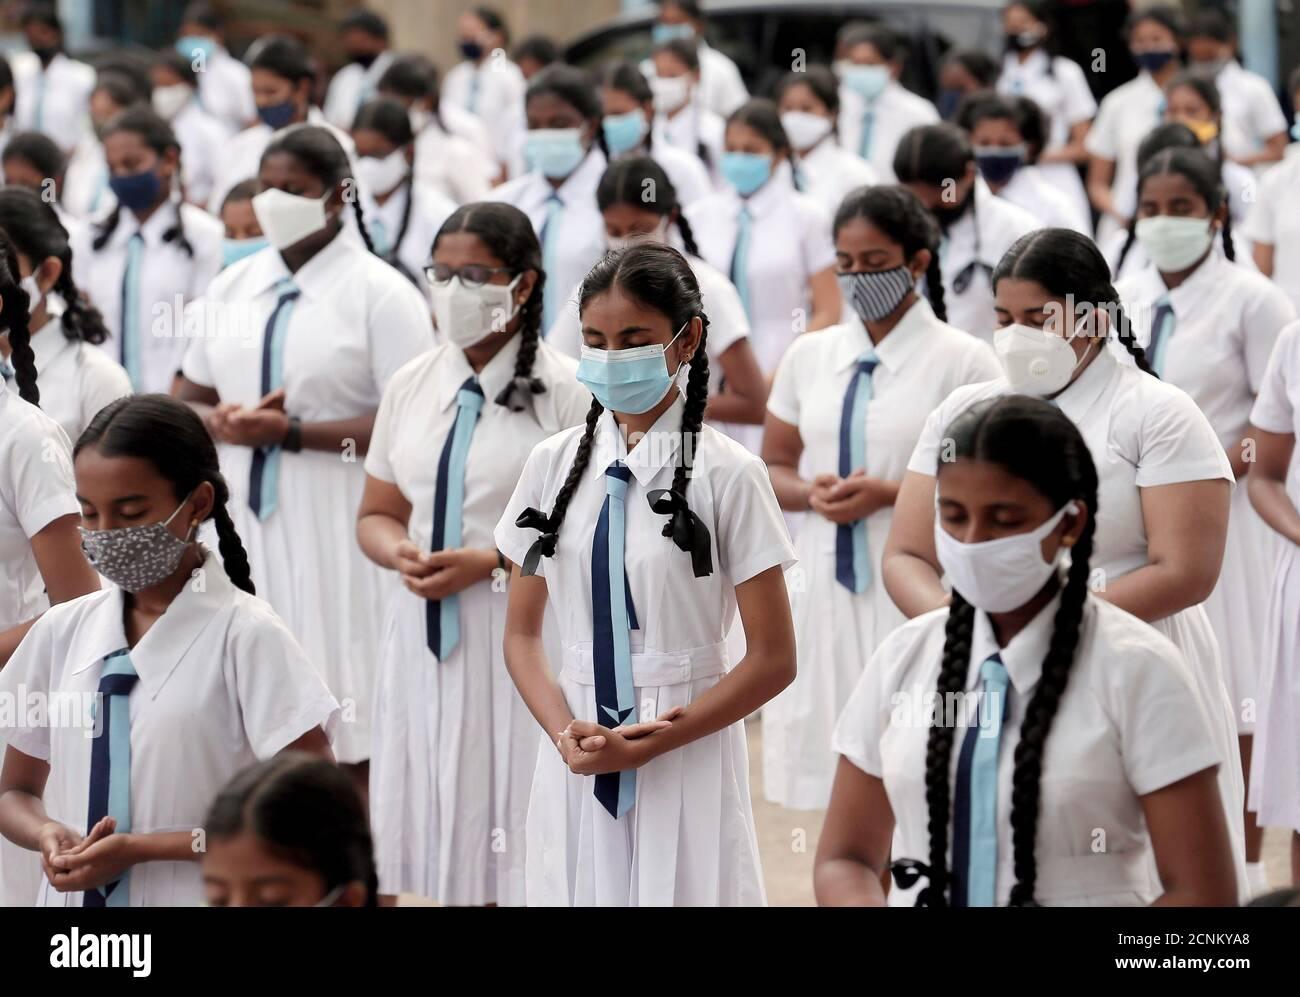 Los estudiantes que usan máscaras protectoras asisten a una meditación para la relajación mental antes del comienzo del primer día en el colegio Vidyakara, que se reabrió después de casi dos meses de bloqueo en medio de preocupaciones sobre la propagación de la enfermedad del coronavirus (COVID-19), en Colombo, Sri Lanka, 6 de julio de 2020. REUTERS/Dinuka Liyanawatte Foto de stock